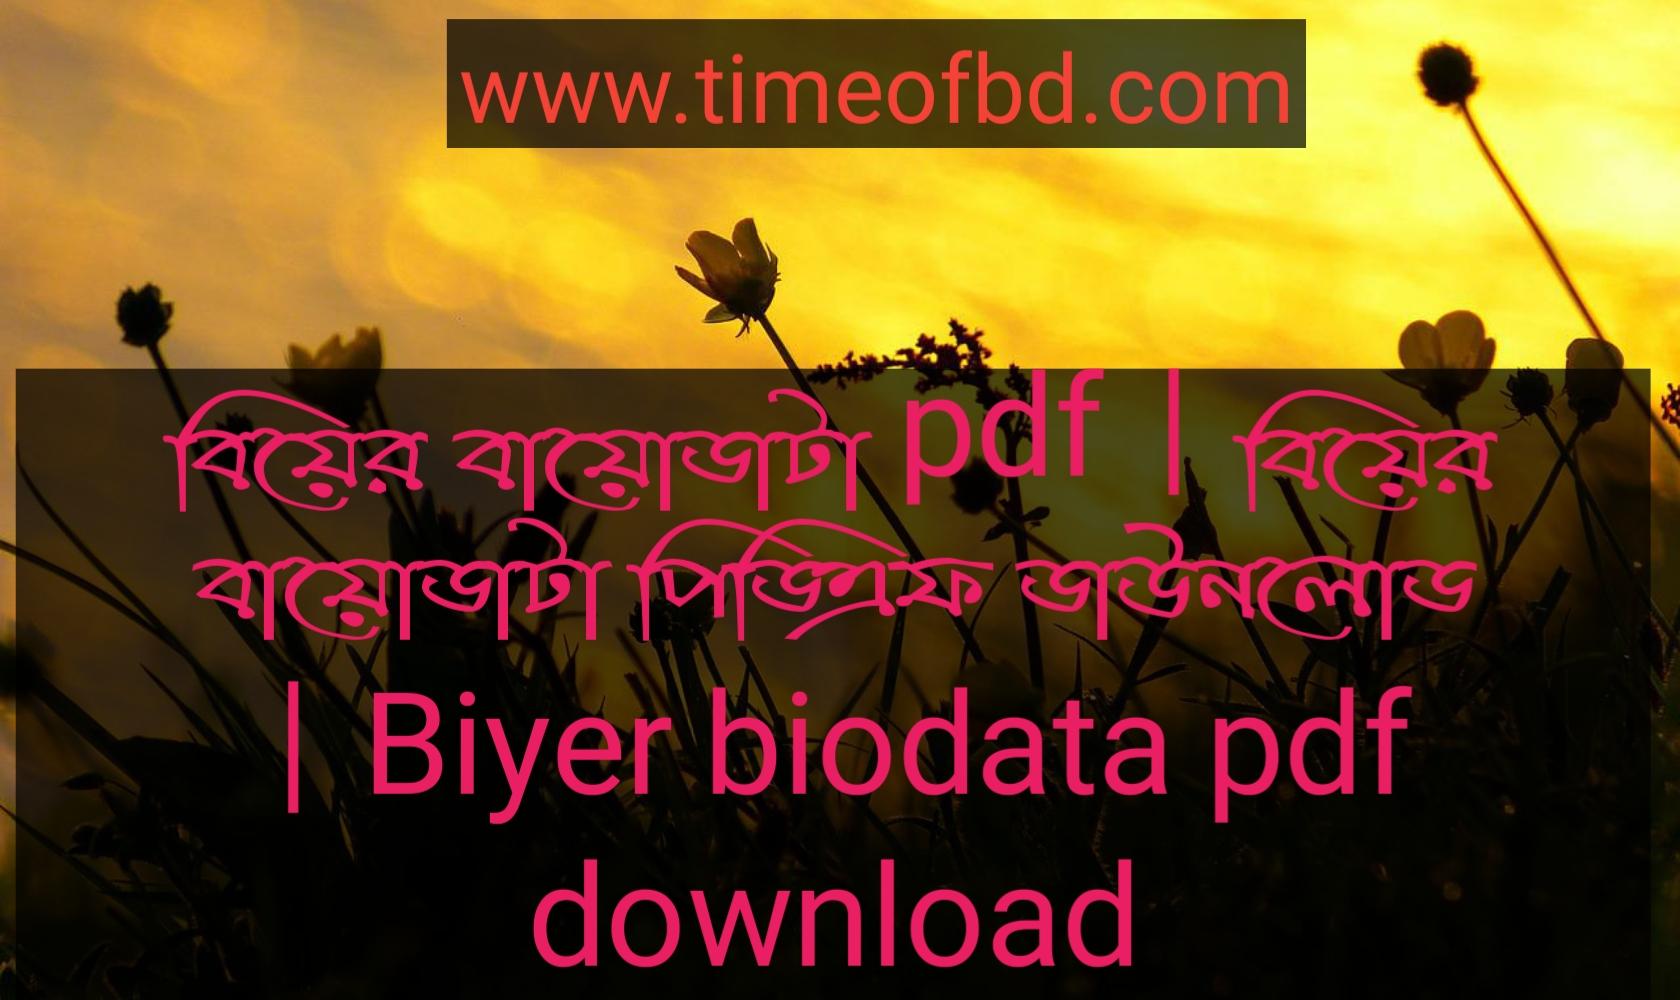 বিয়ের বায়োডাটা pdf, বিয়ের বায়োডাটা পিডিএফ ডাউনলোড, বিয়ের বায়োডাটা পিডিএফ, বিয়ের বায়োডাটা pdf download,